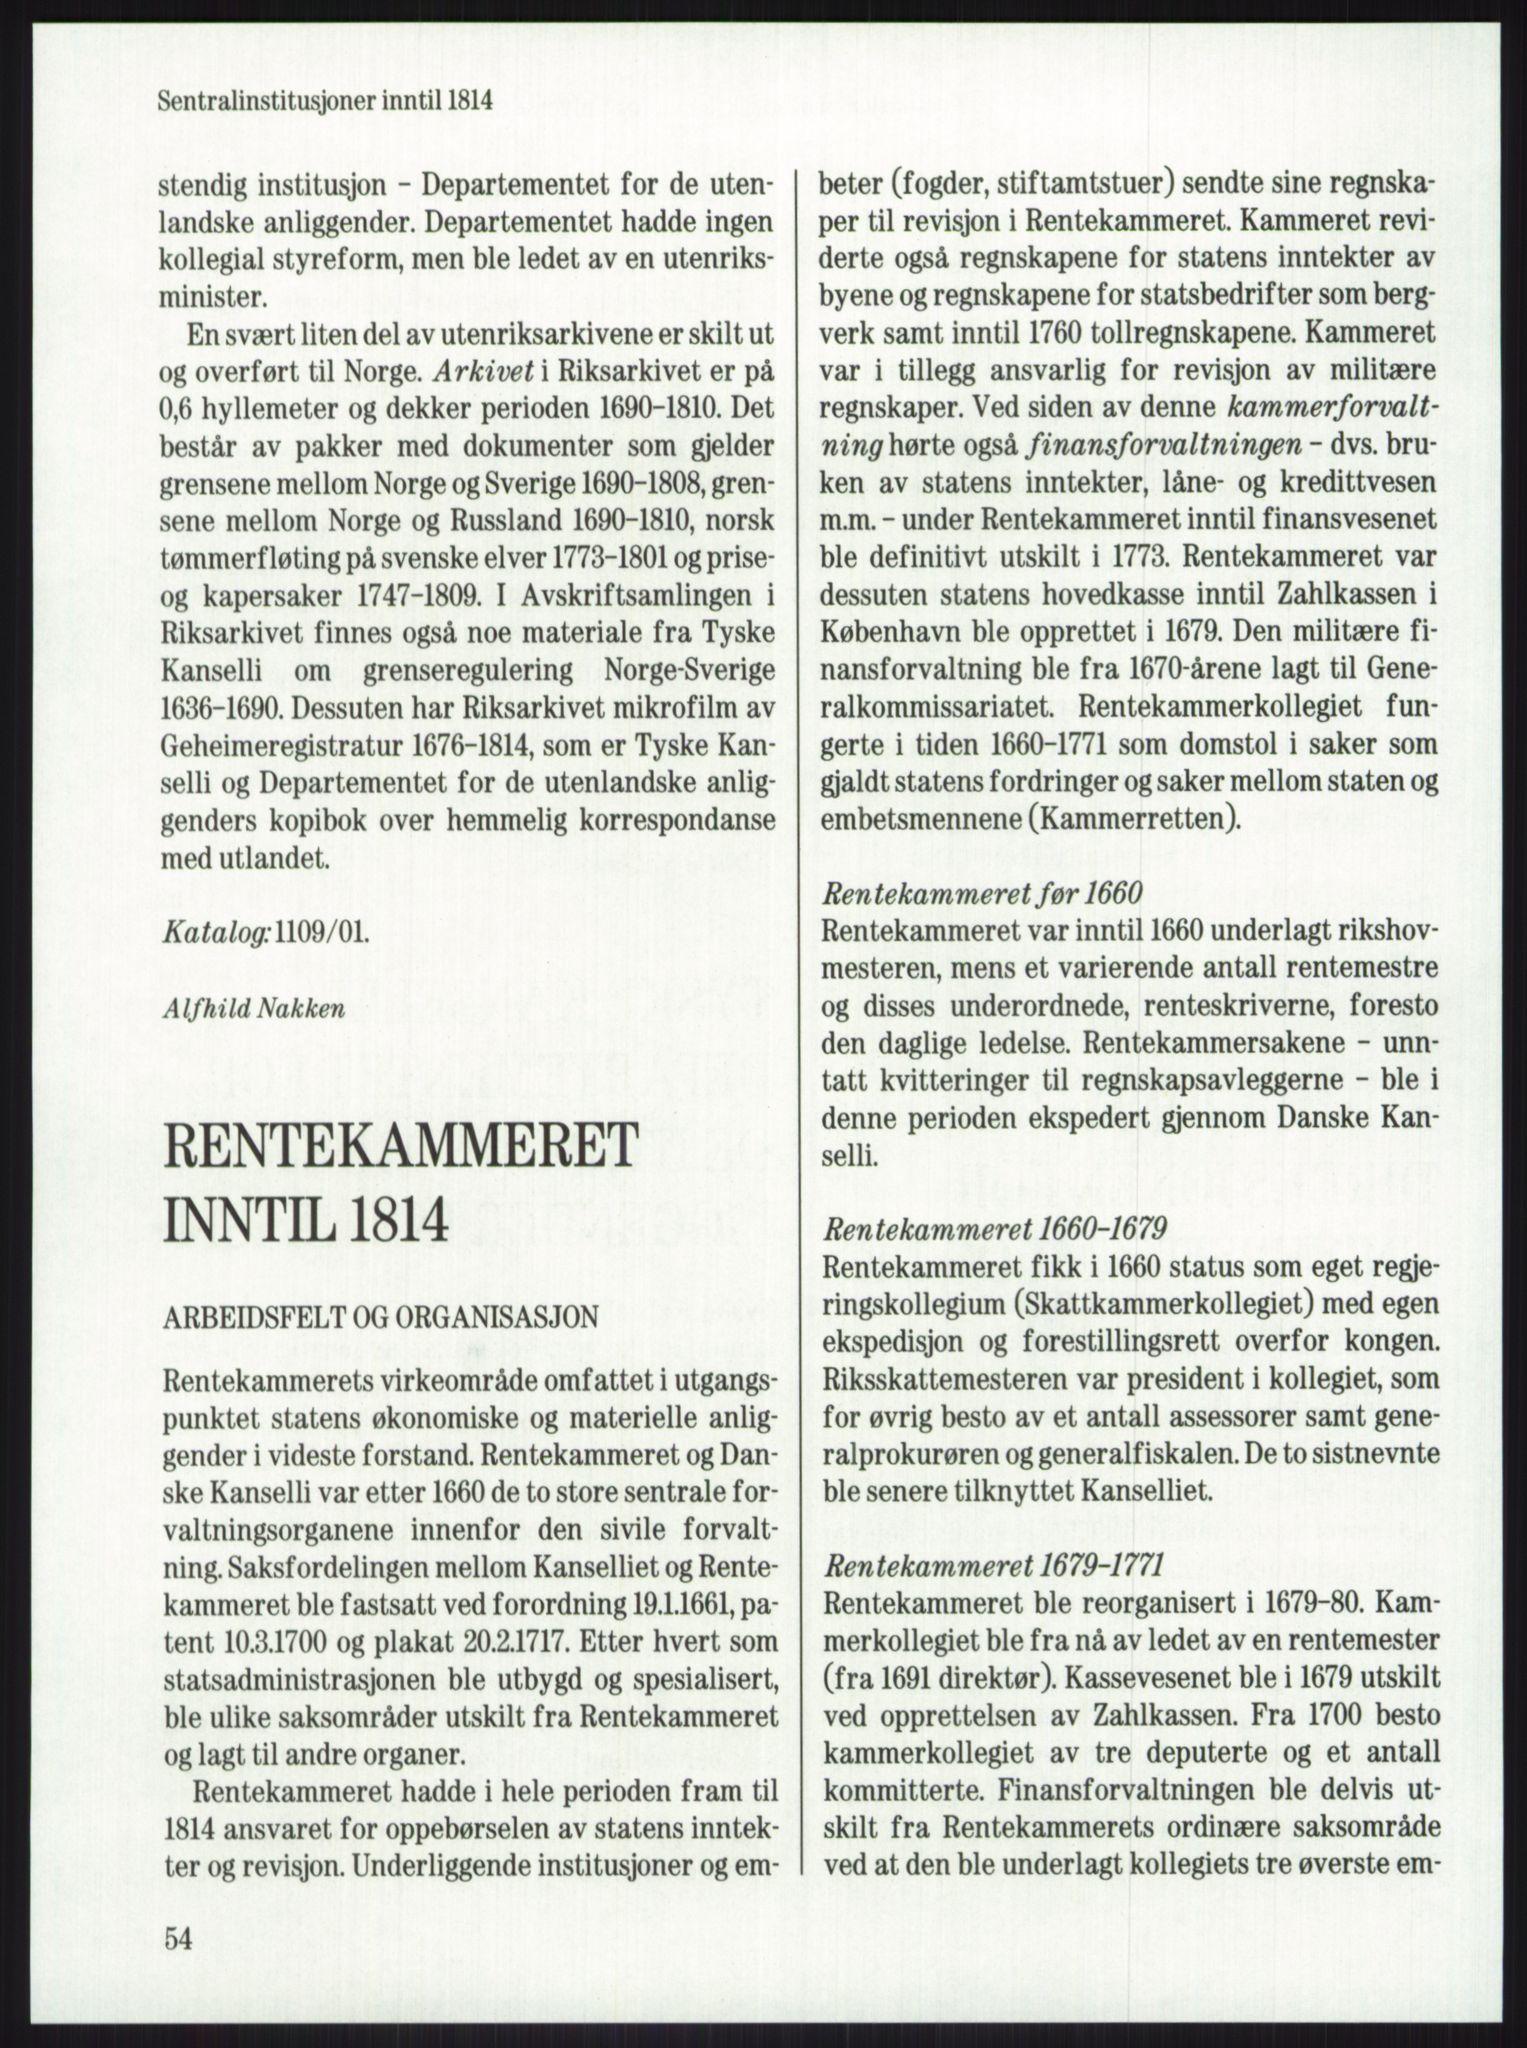 RA, Publikasjoner, -/-: Knut Johannessen, Ole Kolsrud og Dag Mangset (red.): Håndbok for Riksarkivet (1992), s. 54